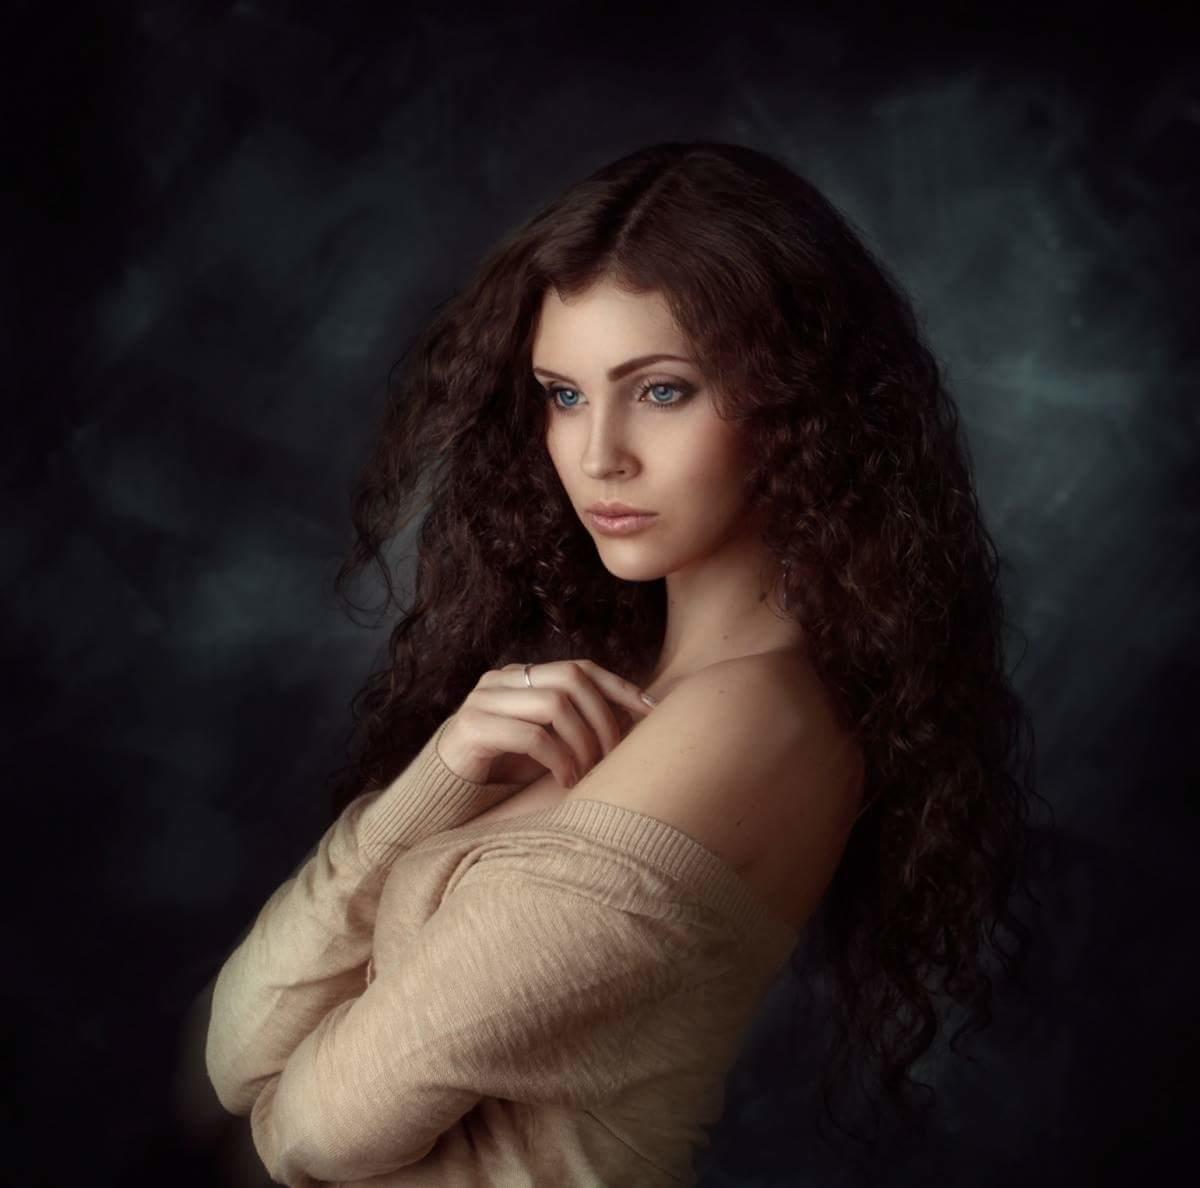 александра появилась красивый художественный фотопортрет в москве пожлуйста как спомощю